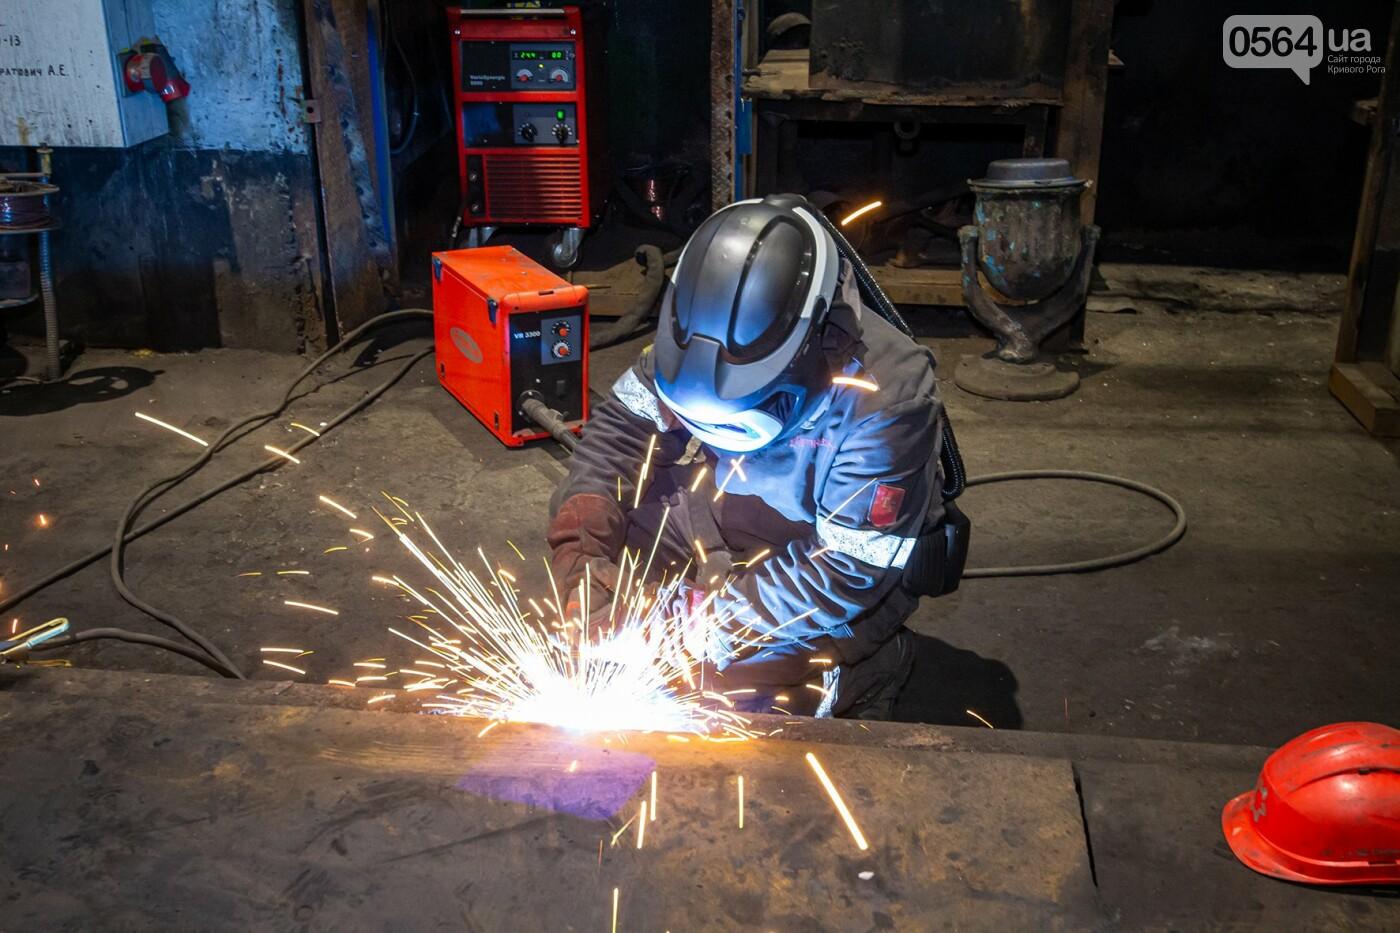 Актуальні вакансії компанії Метінвест: промисловці шукають саме тебе!  , фото-1